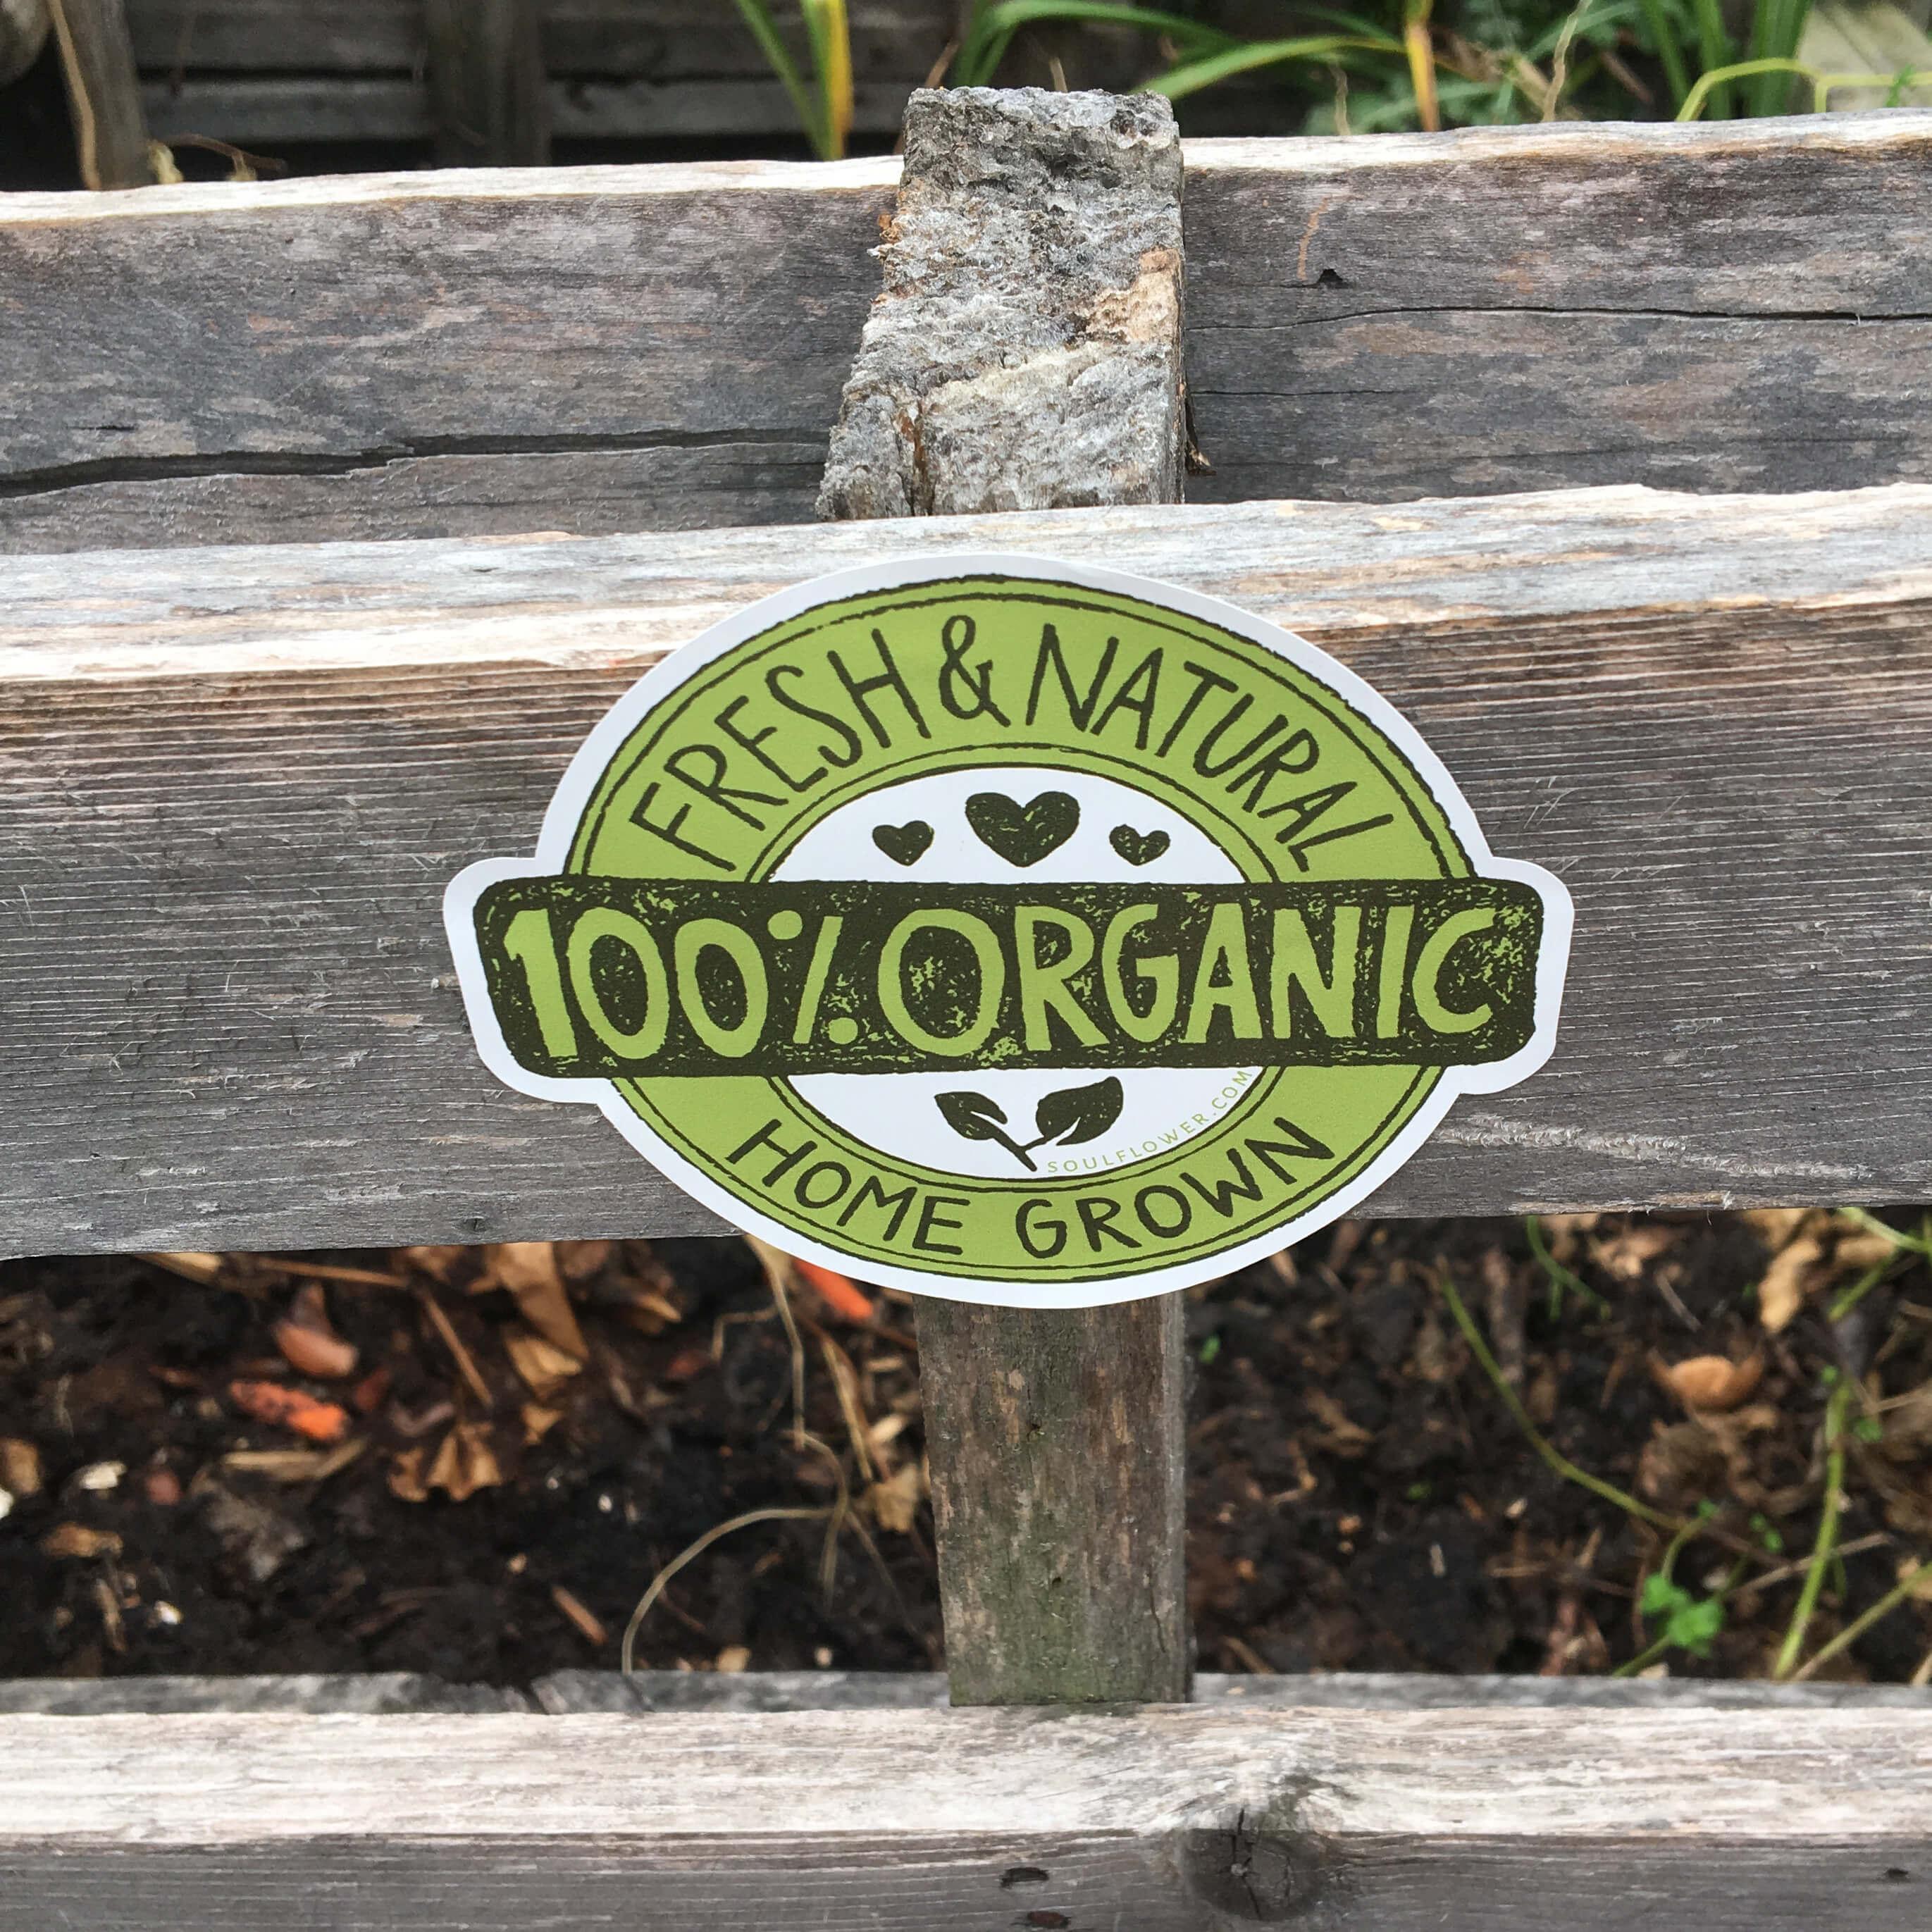 Hippie Bumper Stickers - Cool Hippie Stickers - 100% Organic Die Cut Sticker